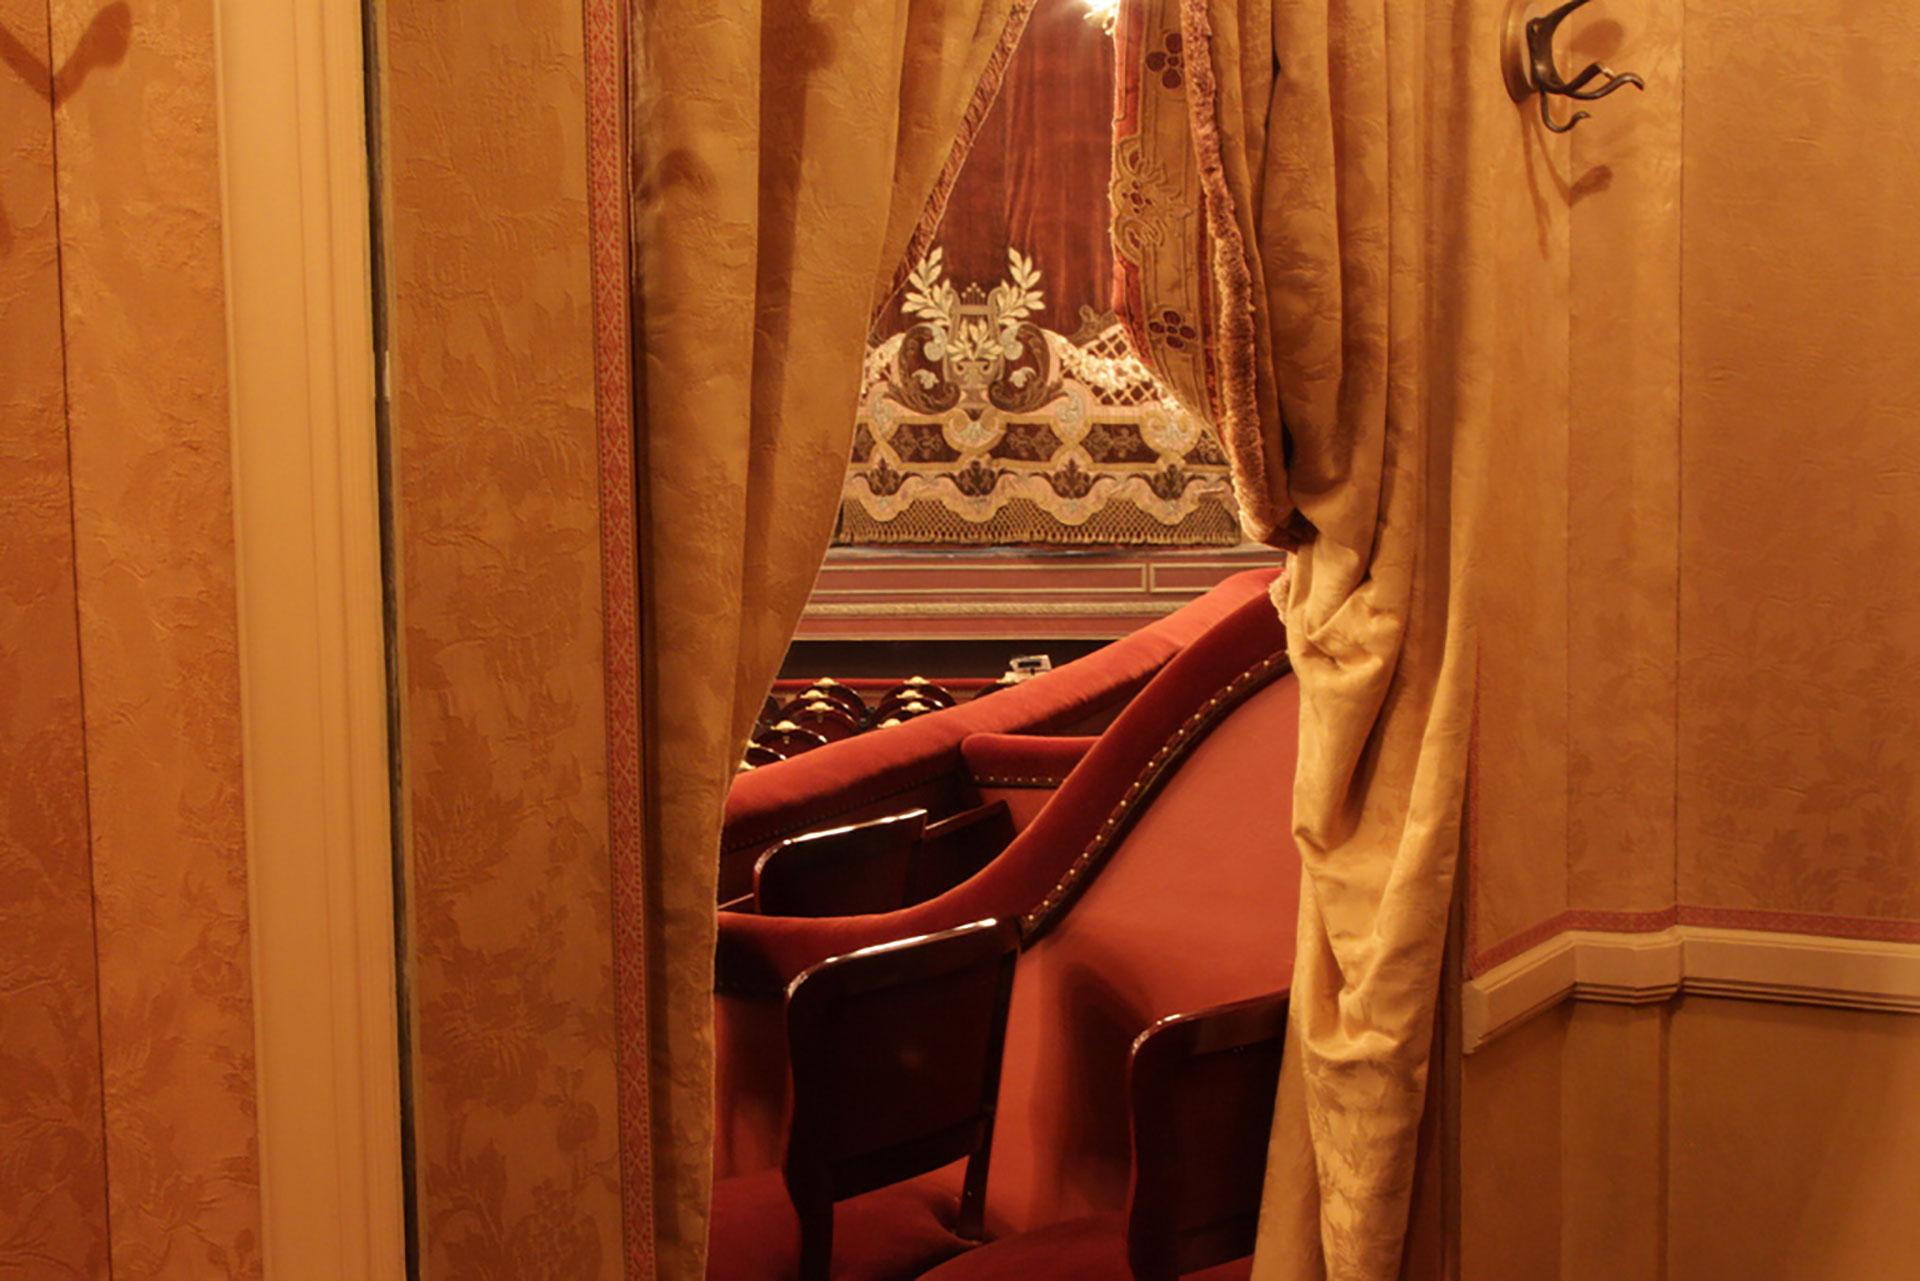 Materiales nobles en madera, hilo y terciopelo decoran los ambientes